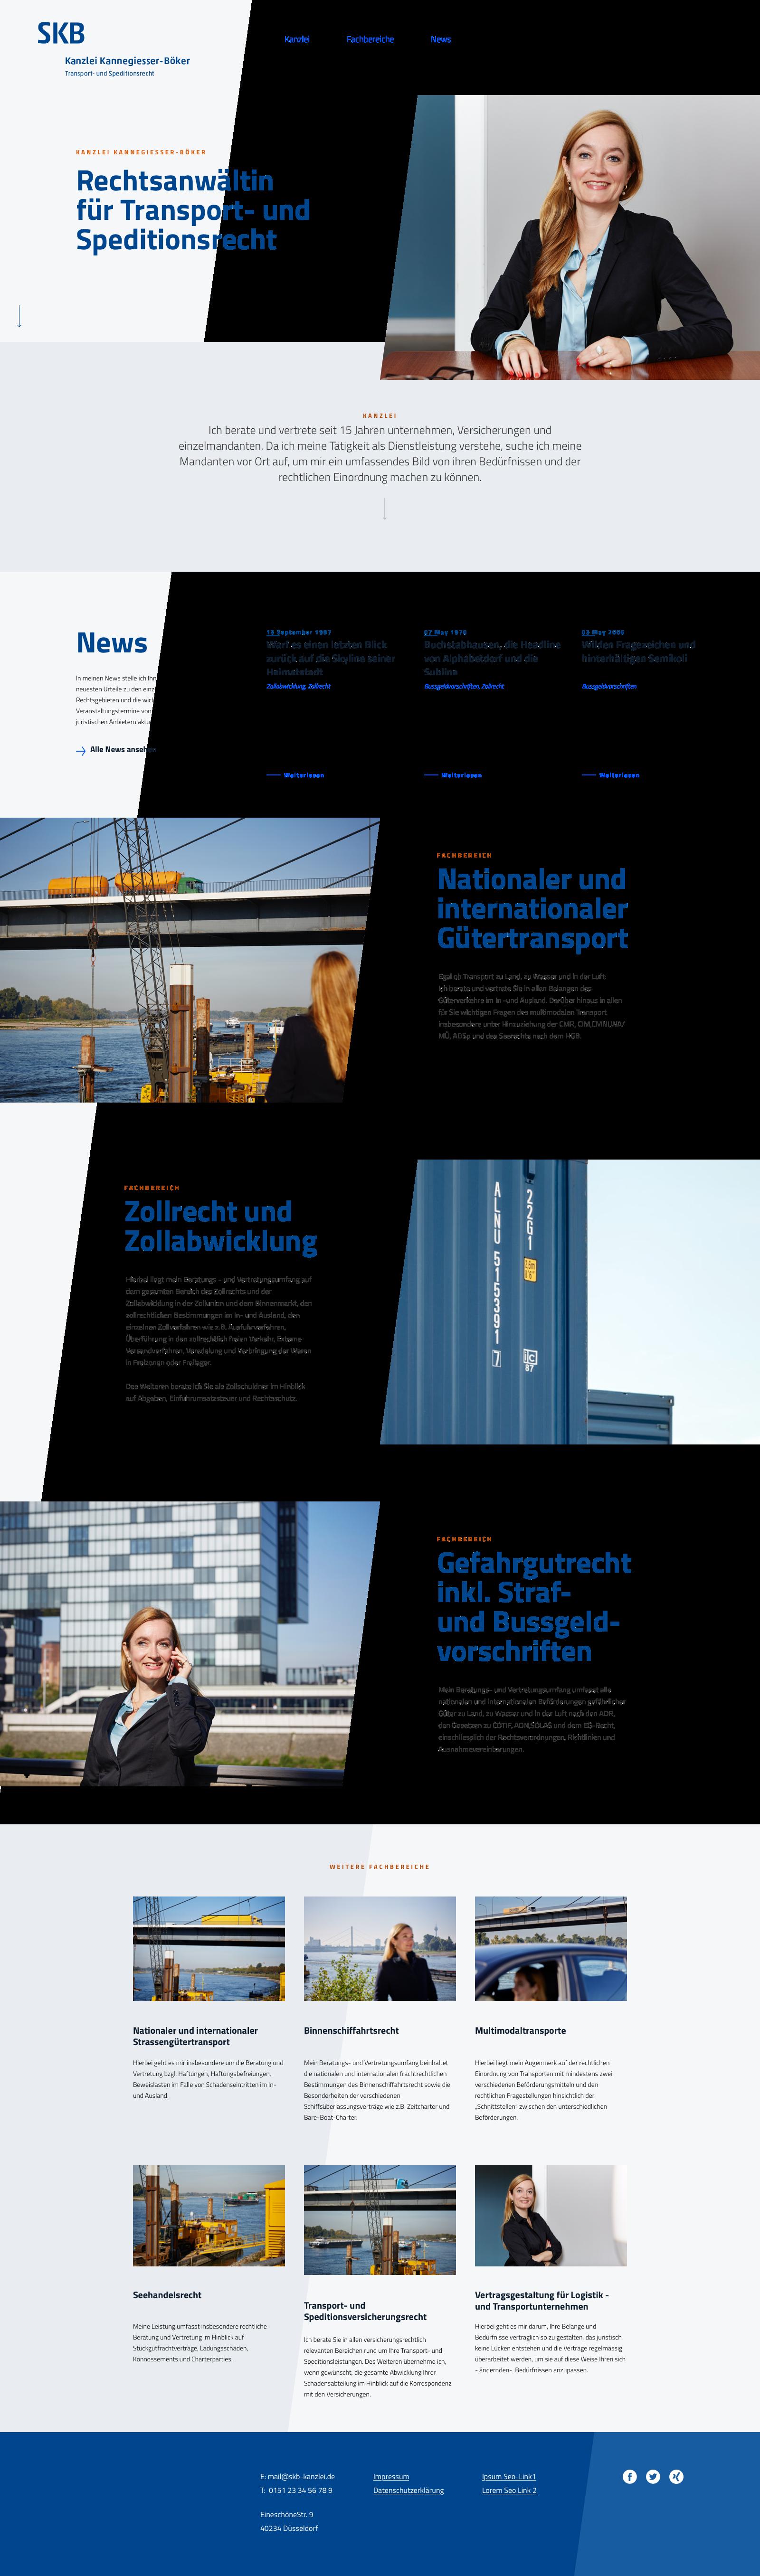 Homepage Webdesign für die Anwaltskanzlei für Transportrecht